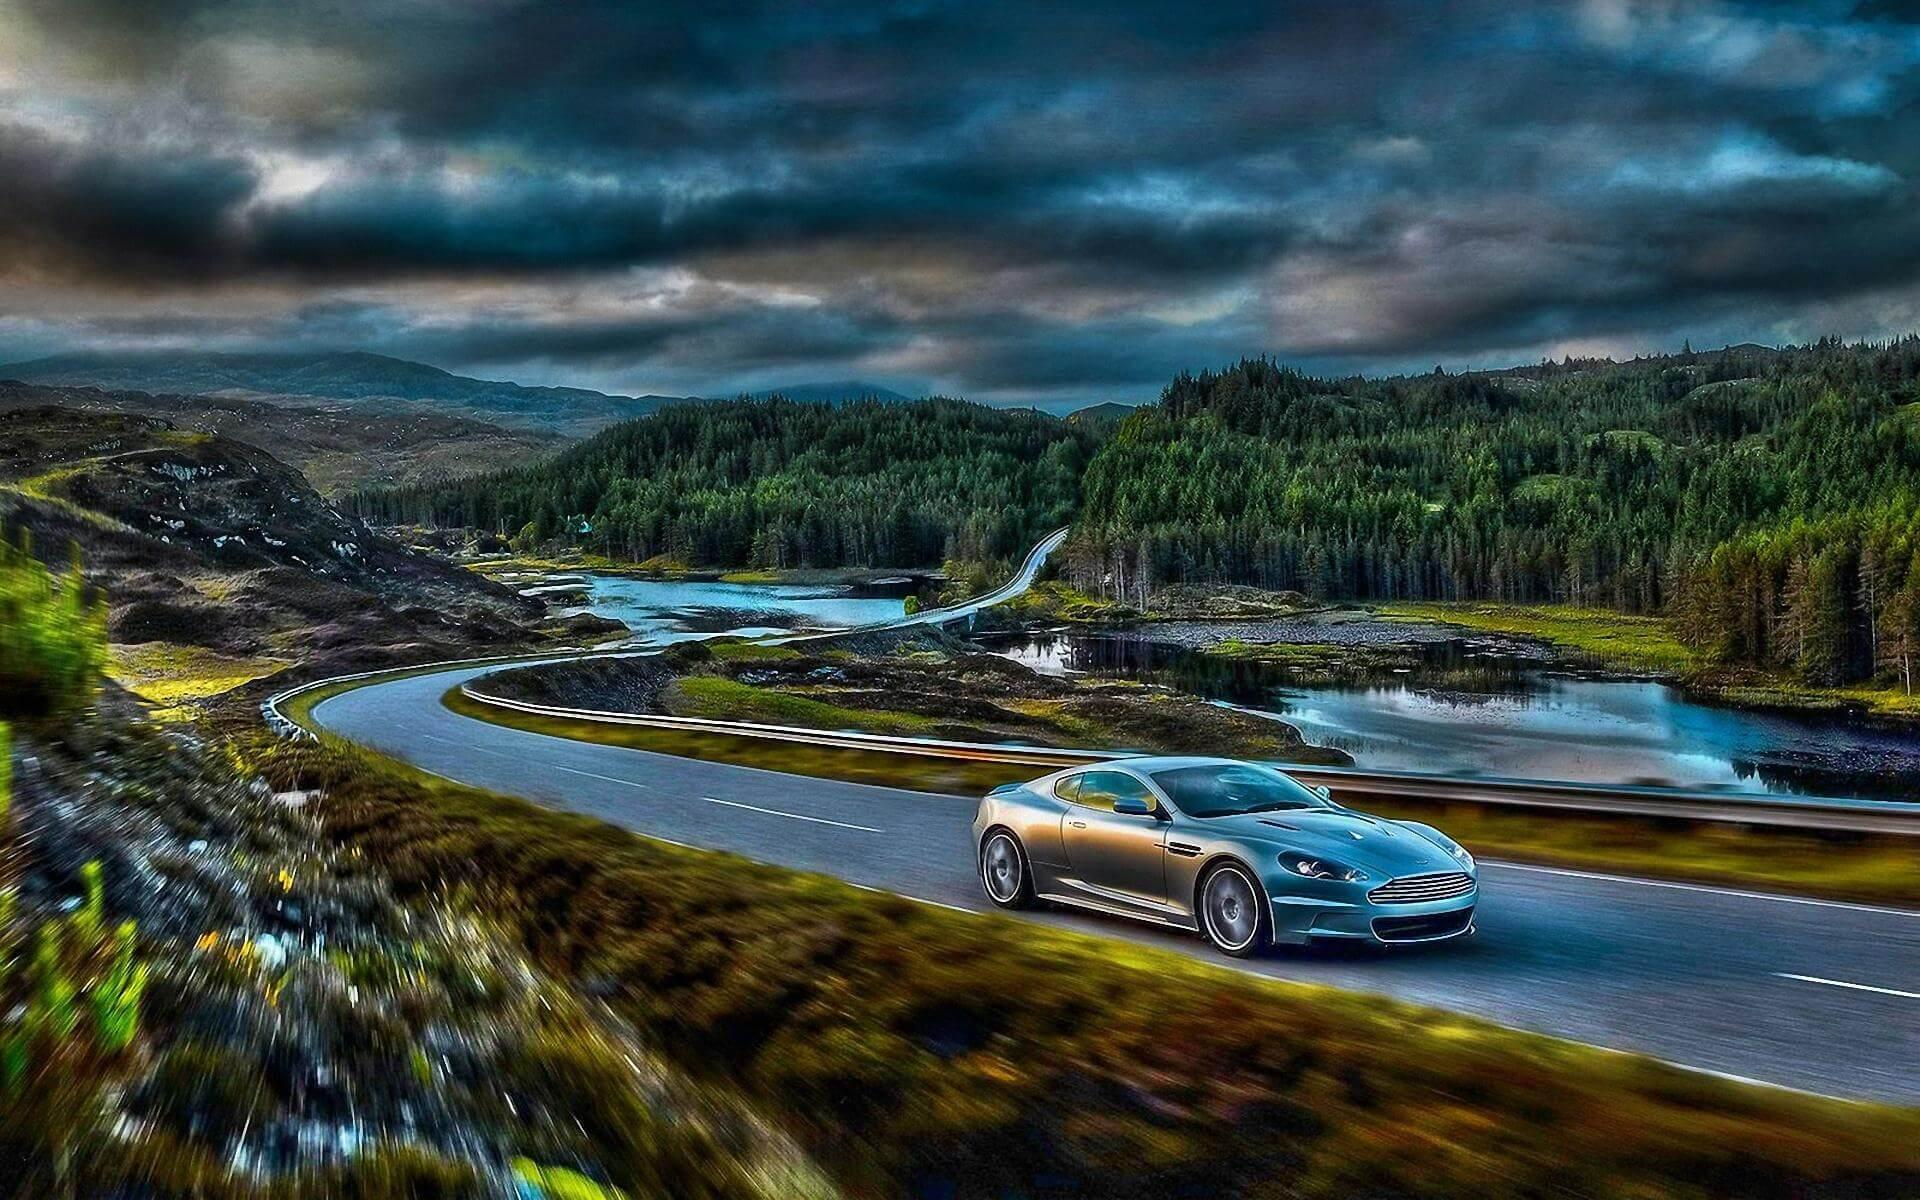 Красивые фото в горах крутых авто